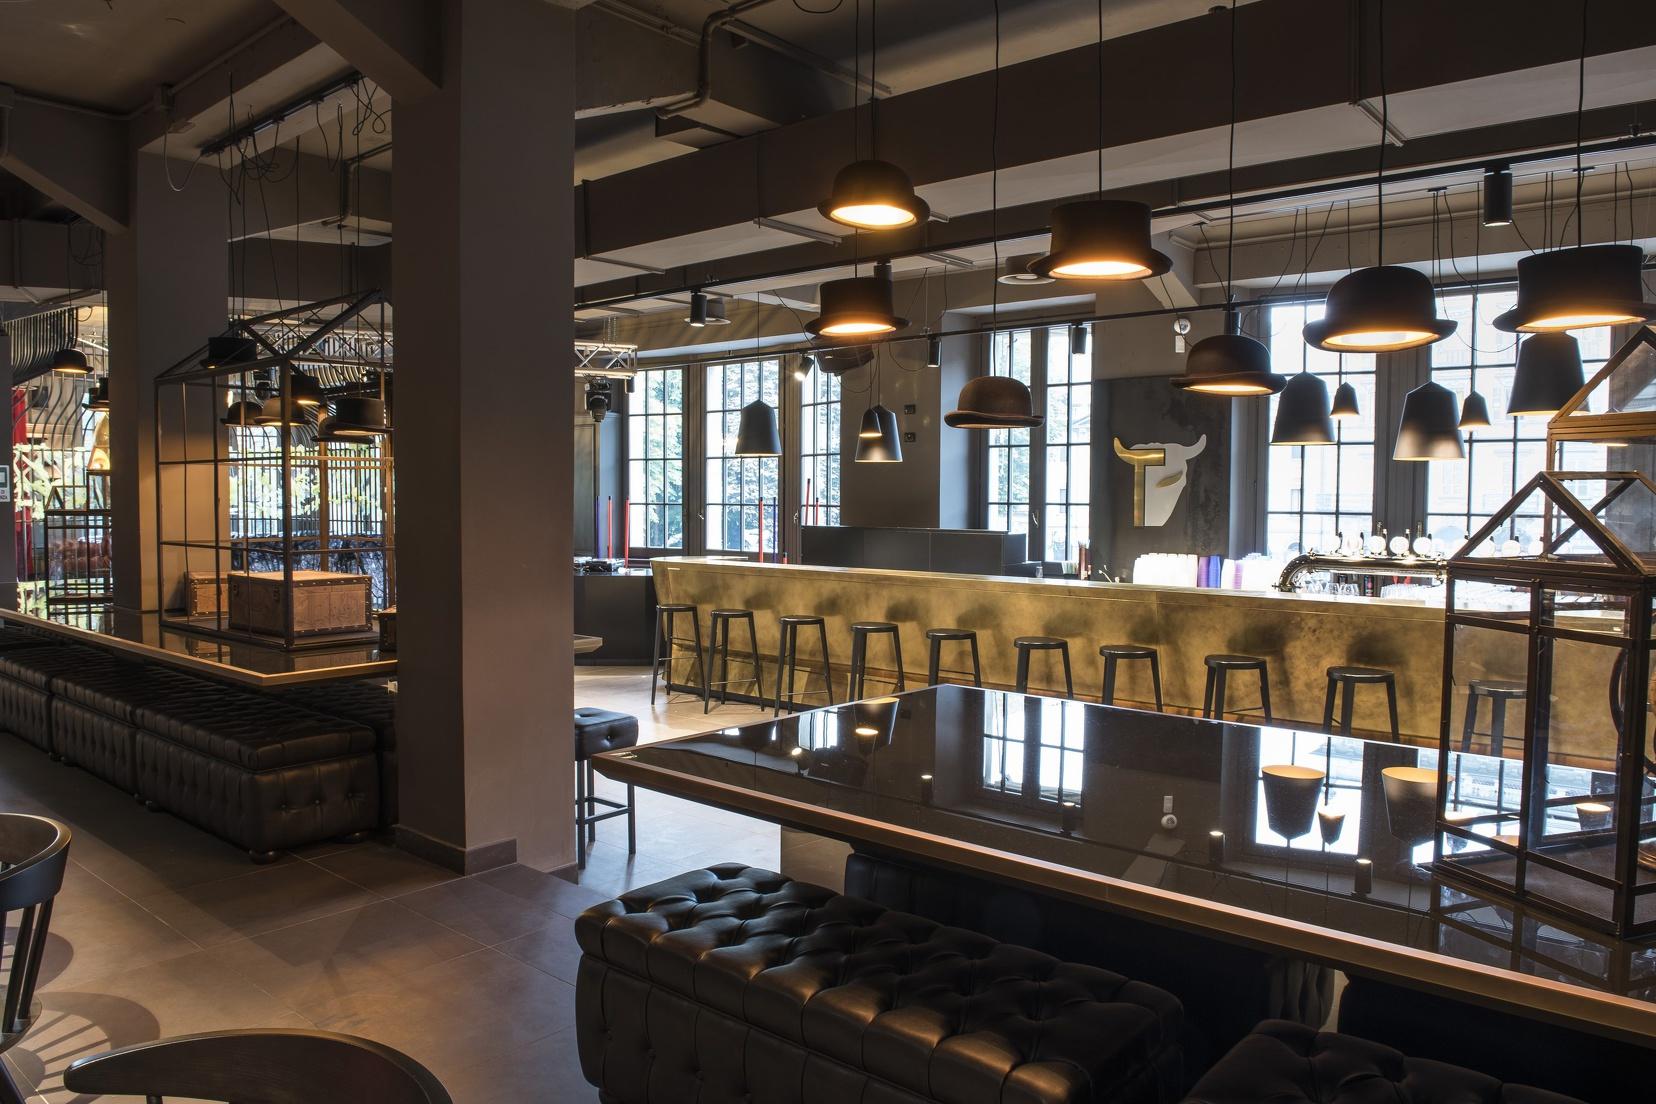 Lo sgabello sputnik di zilio a c arreda l elegante lounge for Torino arreda contract